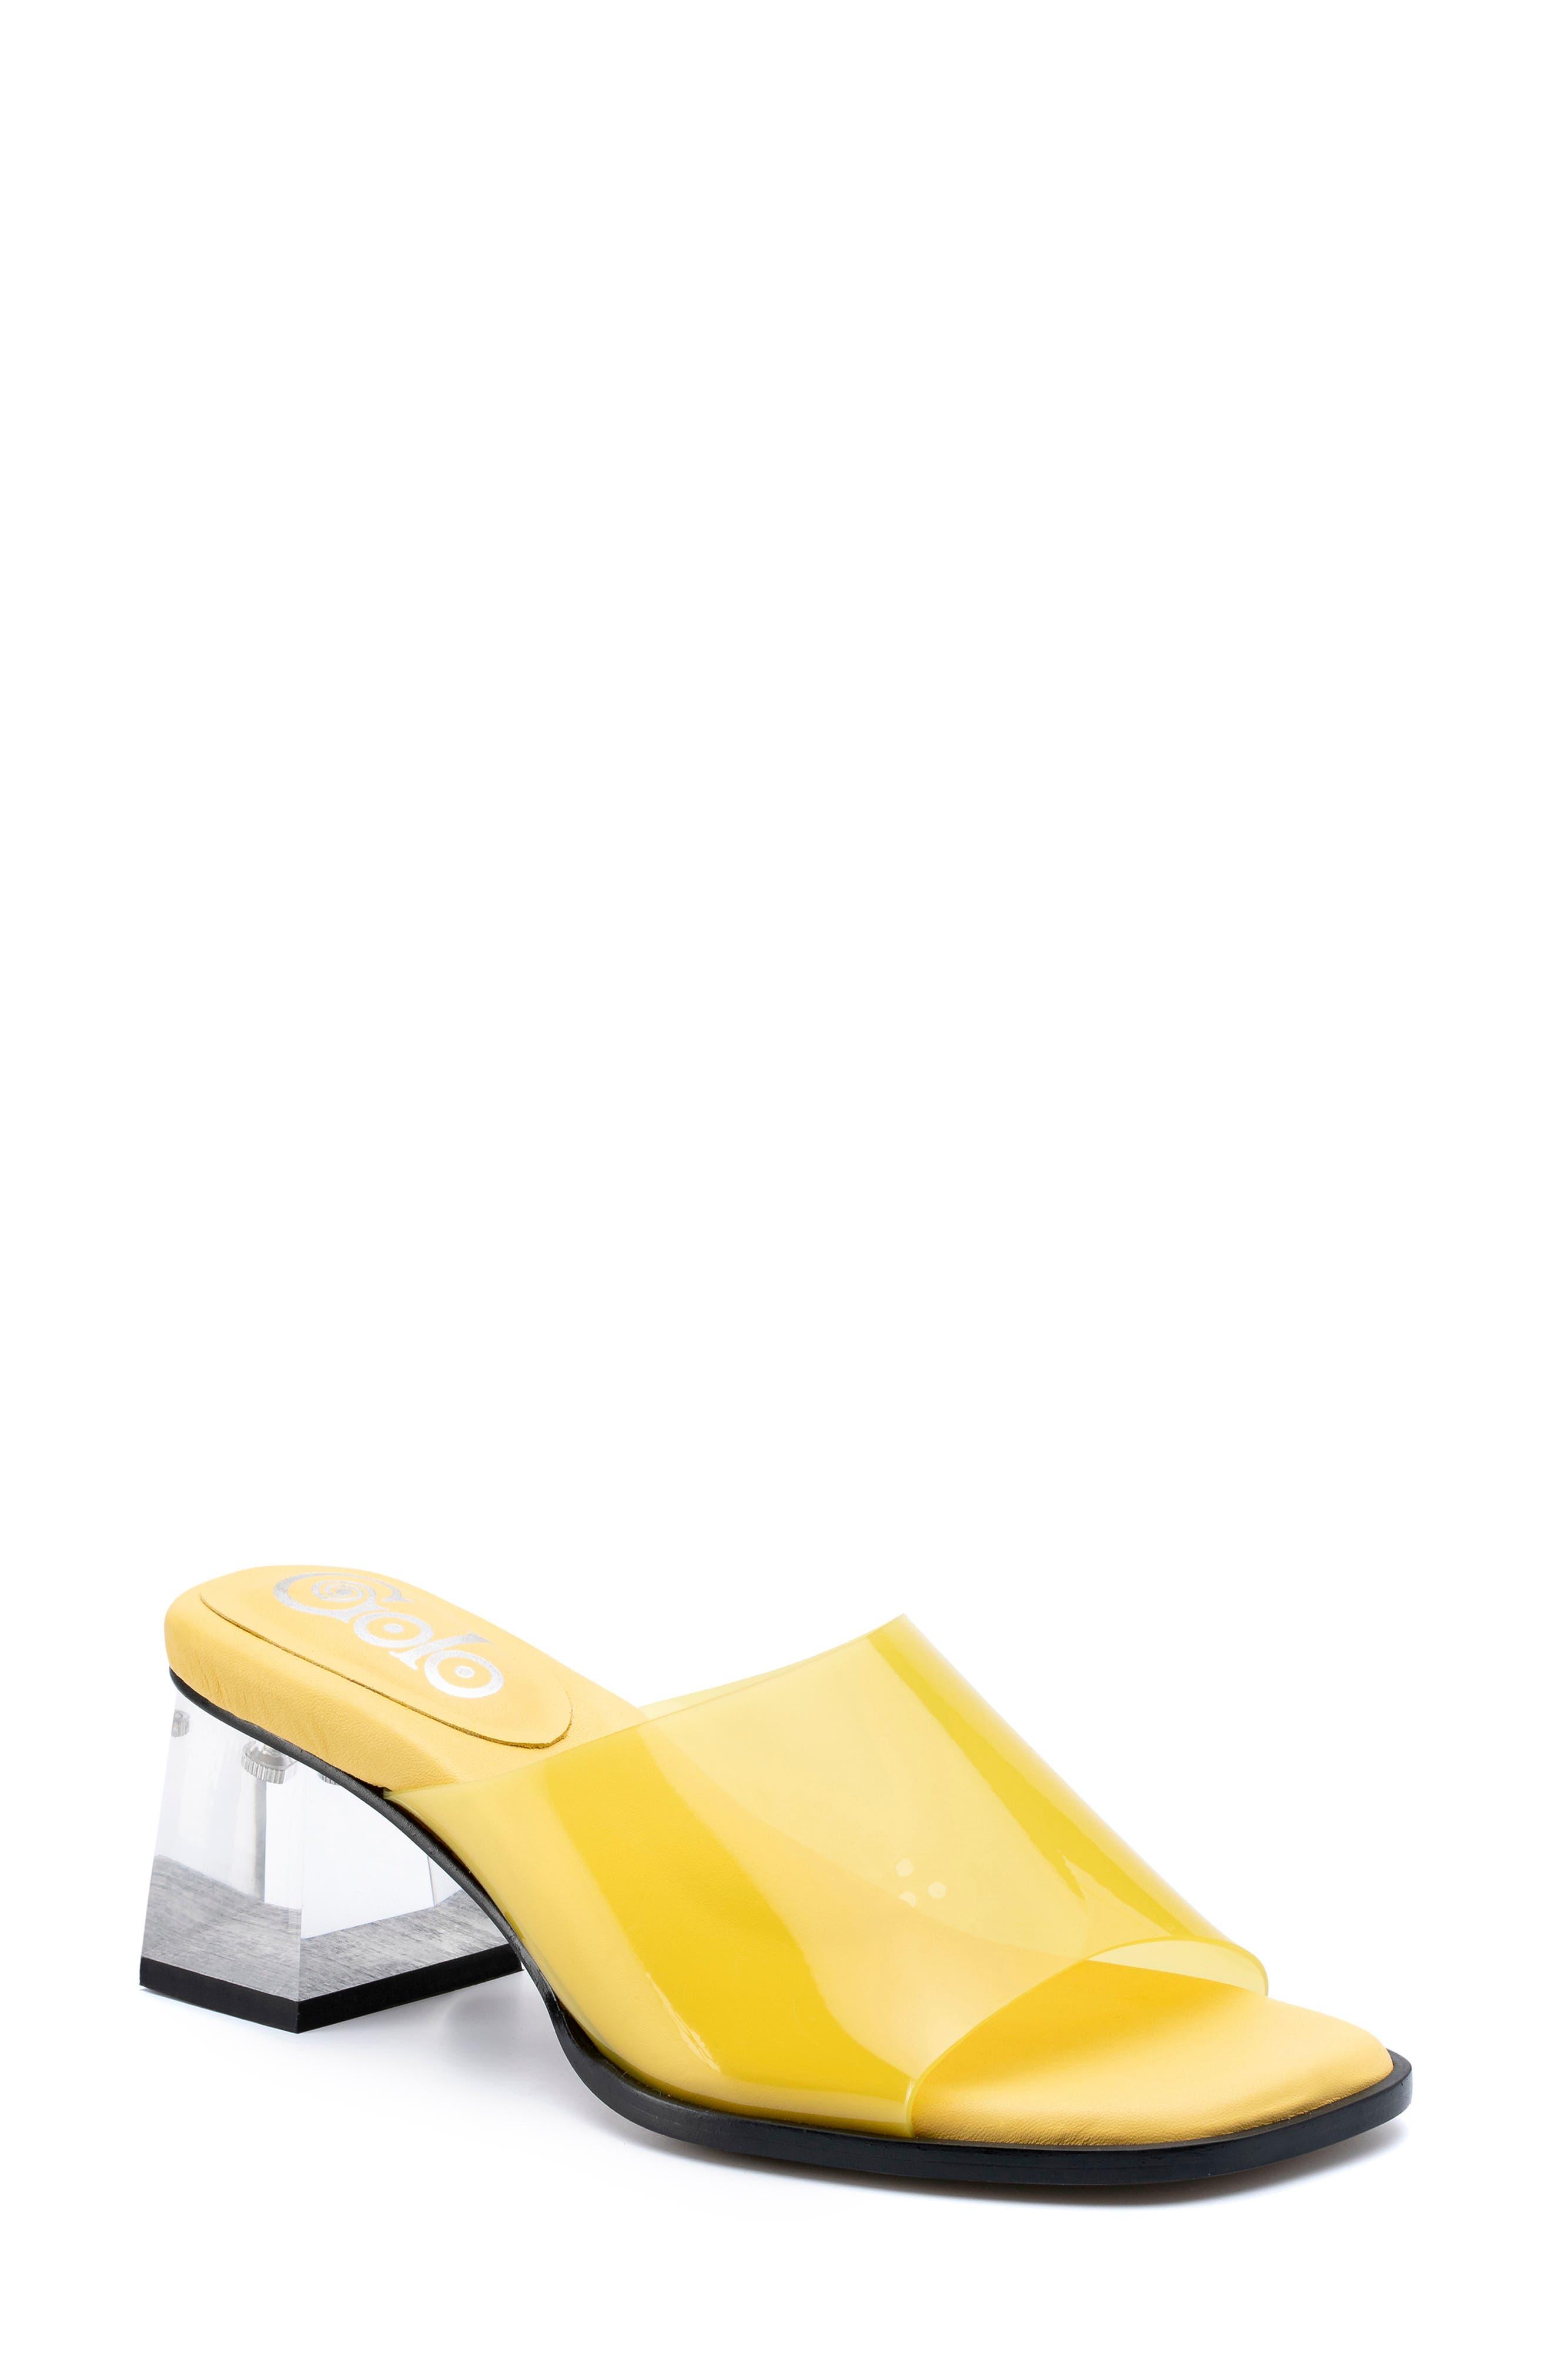 Slidex Slide Sandal